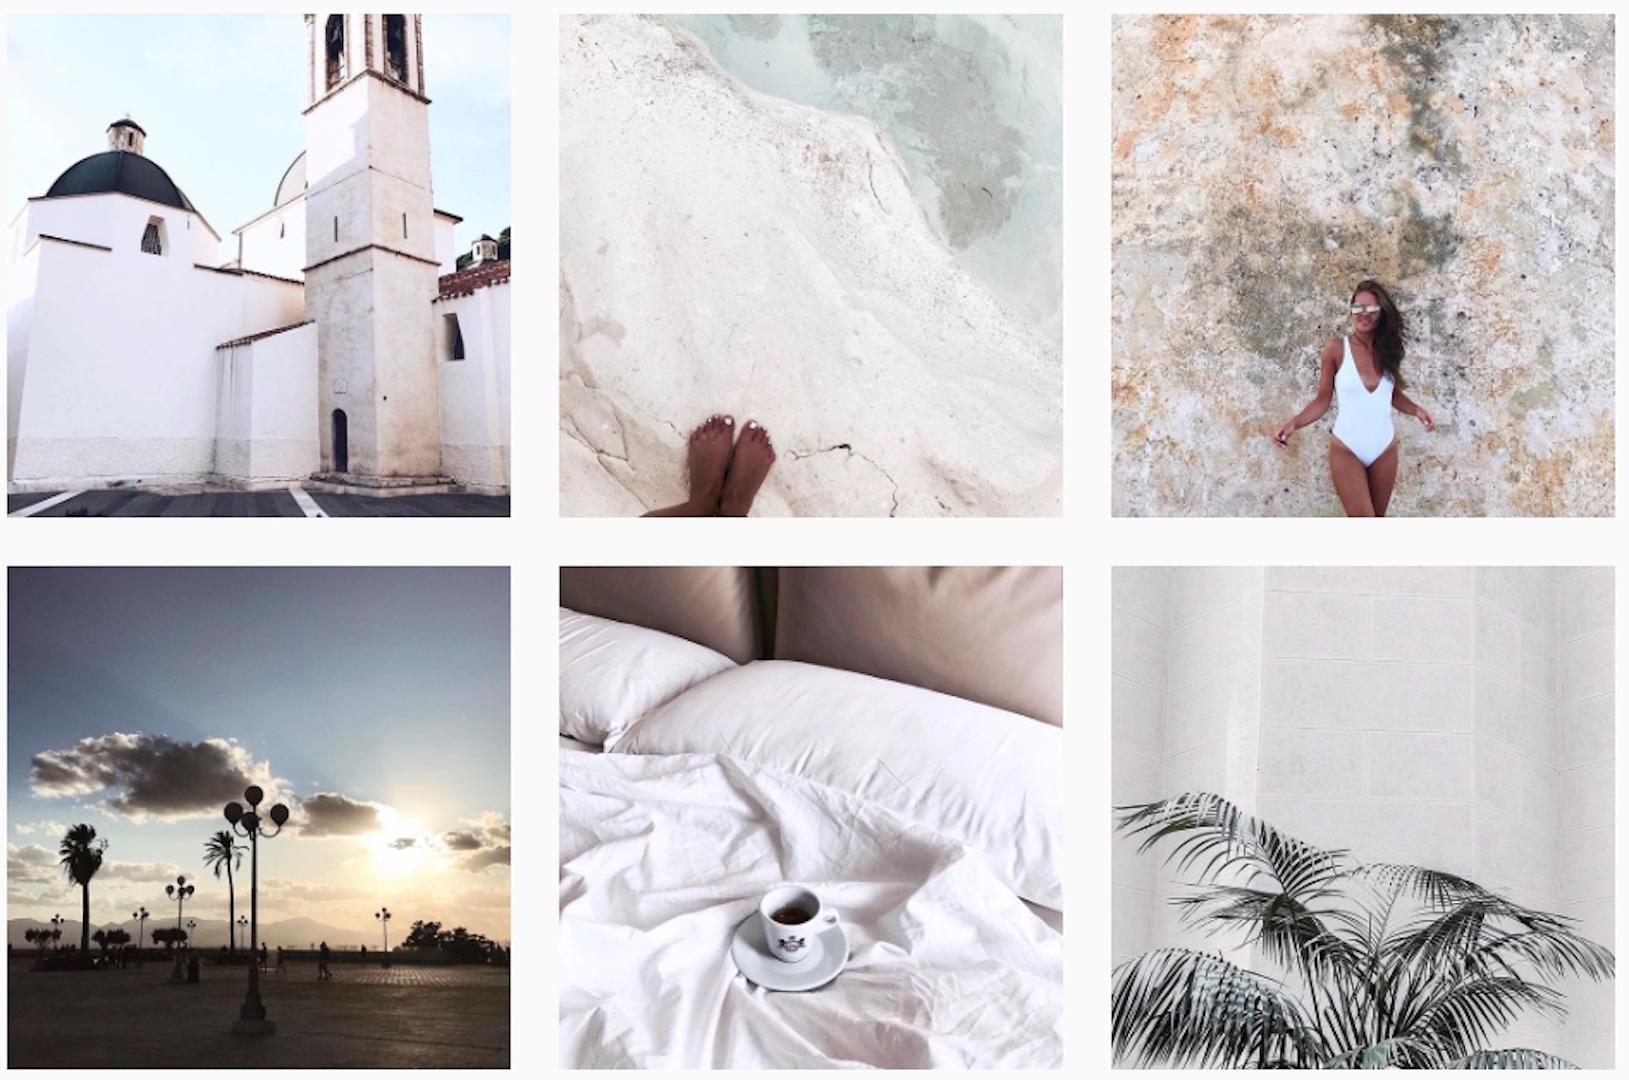 inspiracja, instagram, polecenia, 10 instagramerek które inspirują